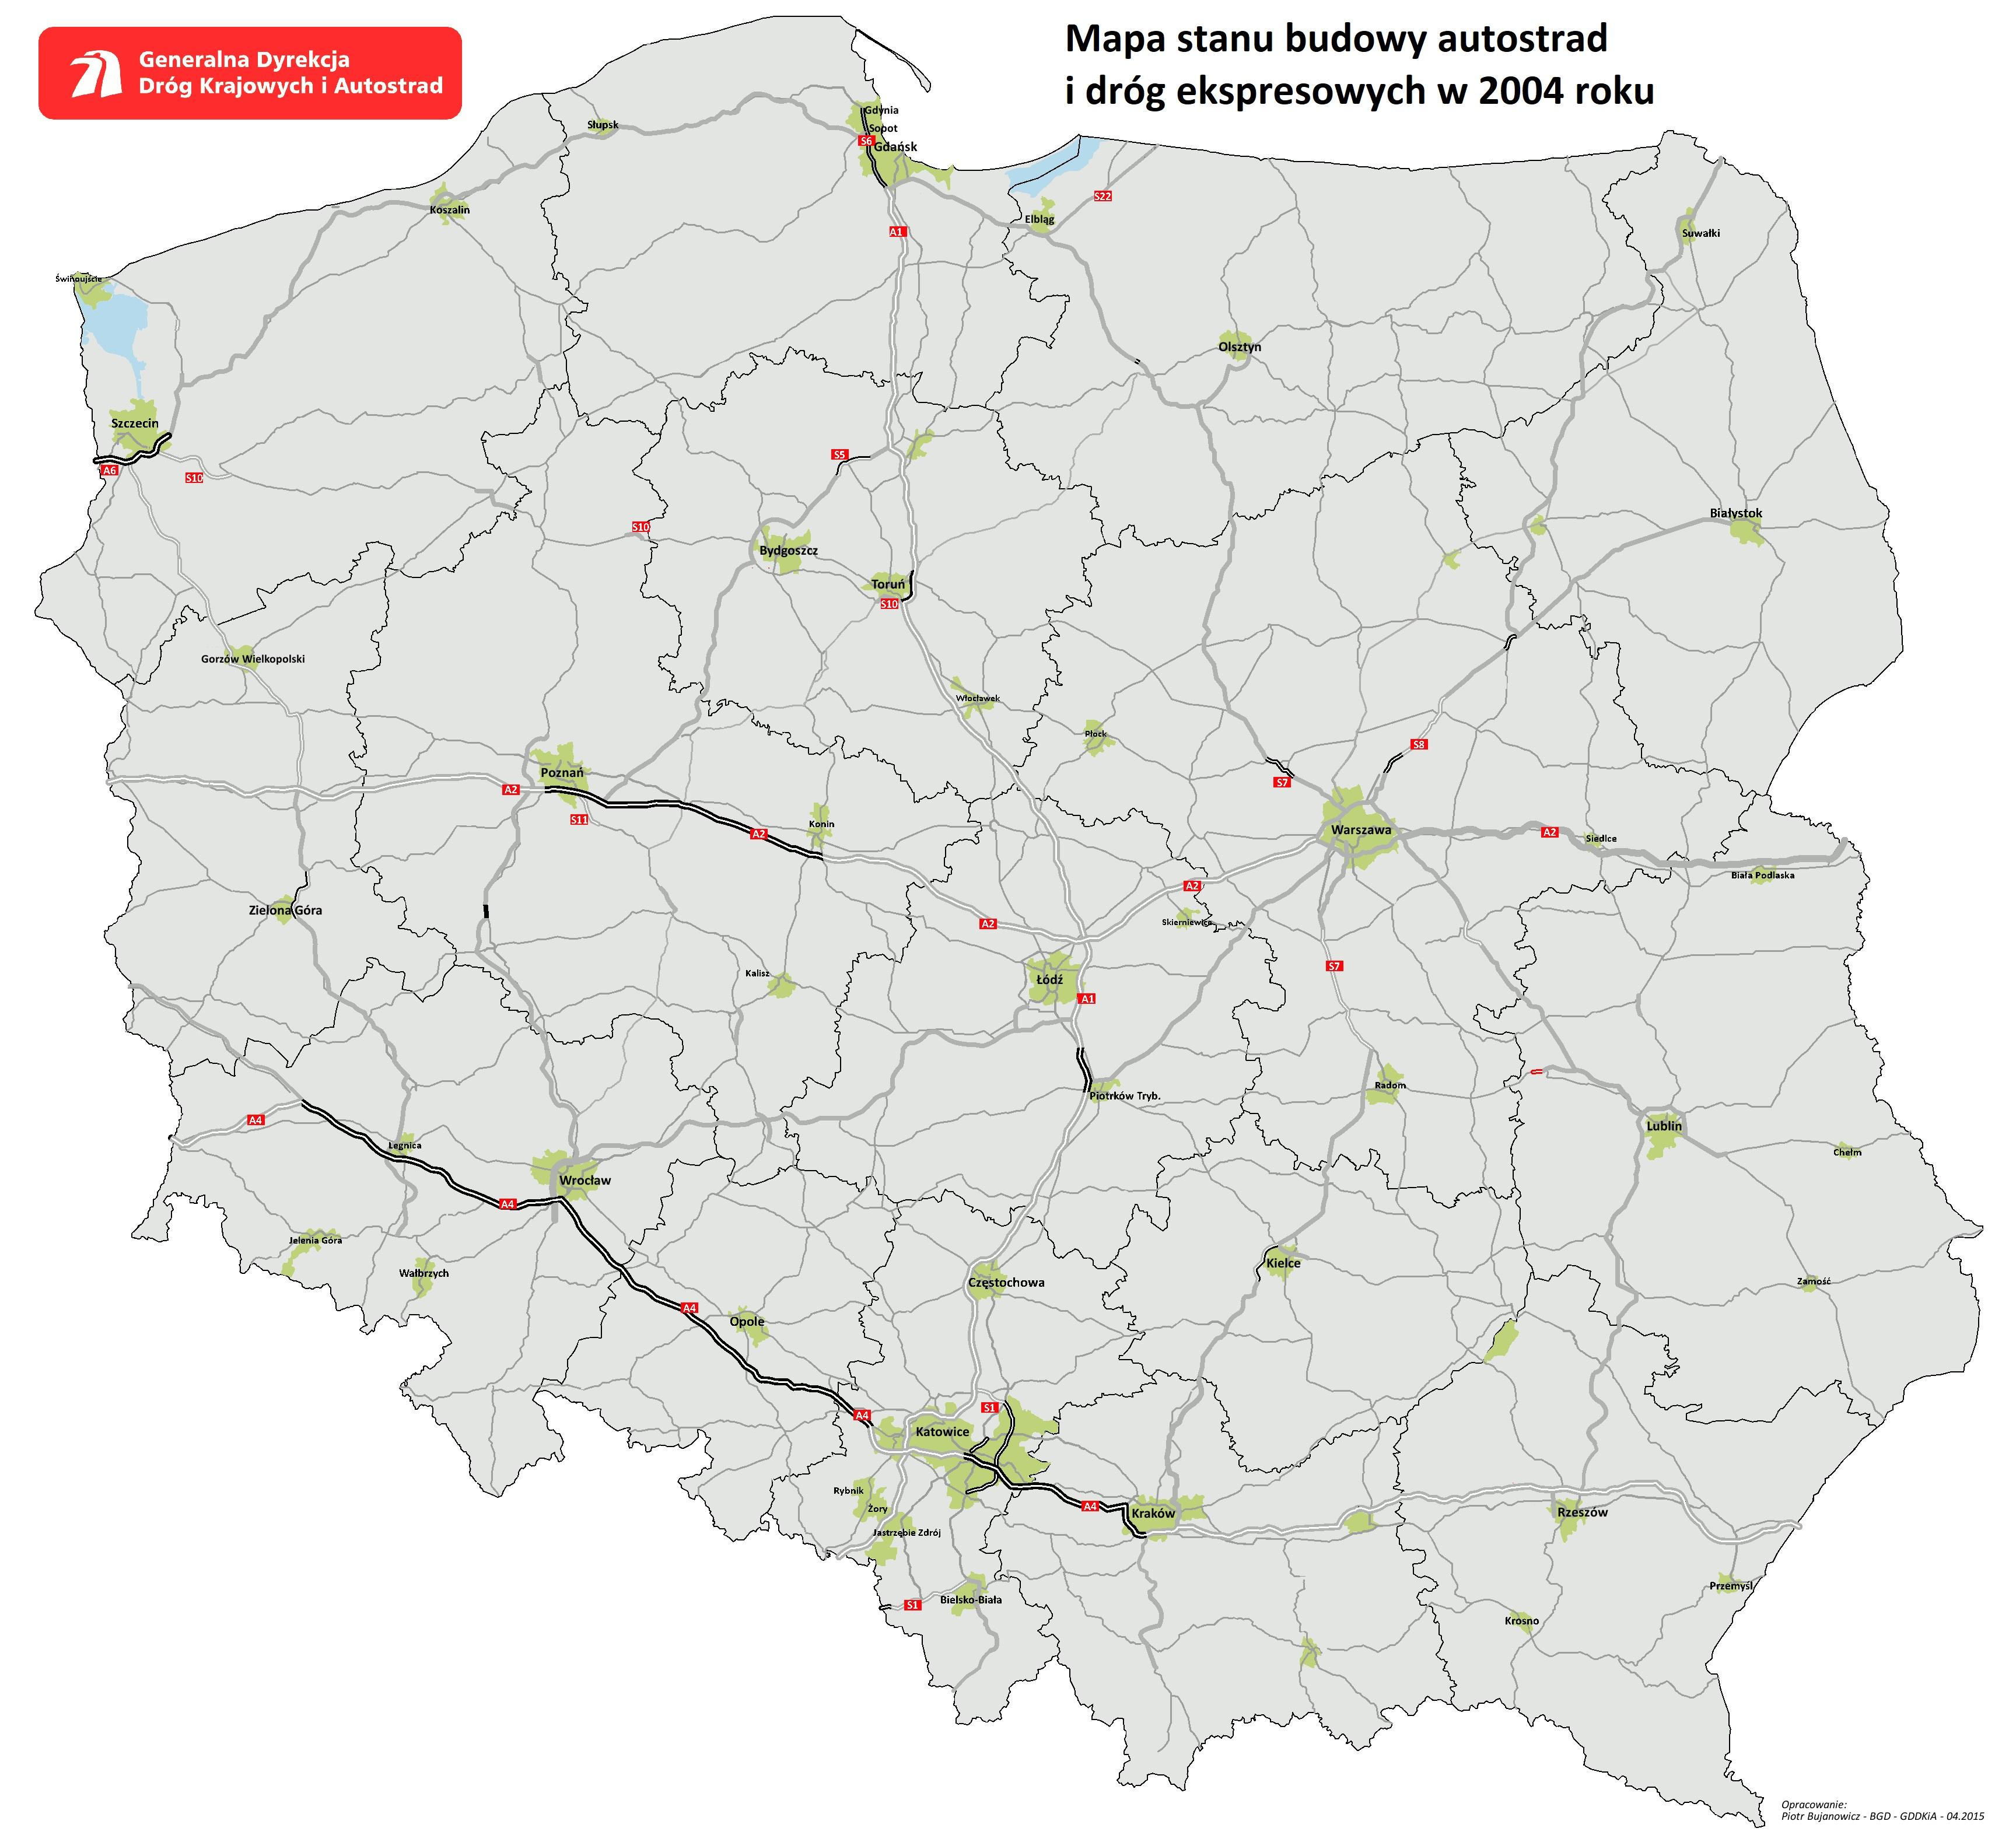 Sieć szybkich dróg - mapa 2004. Fot. GDDKiA